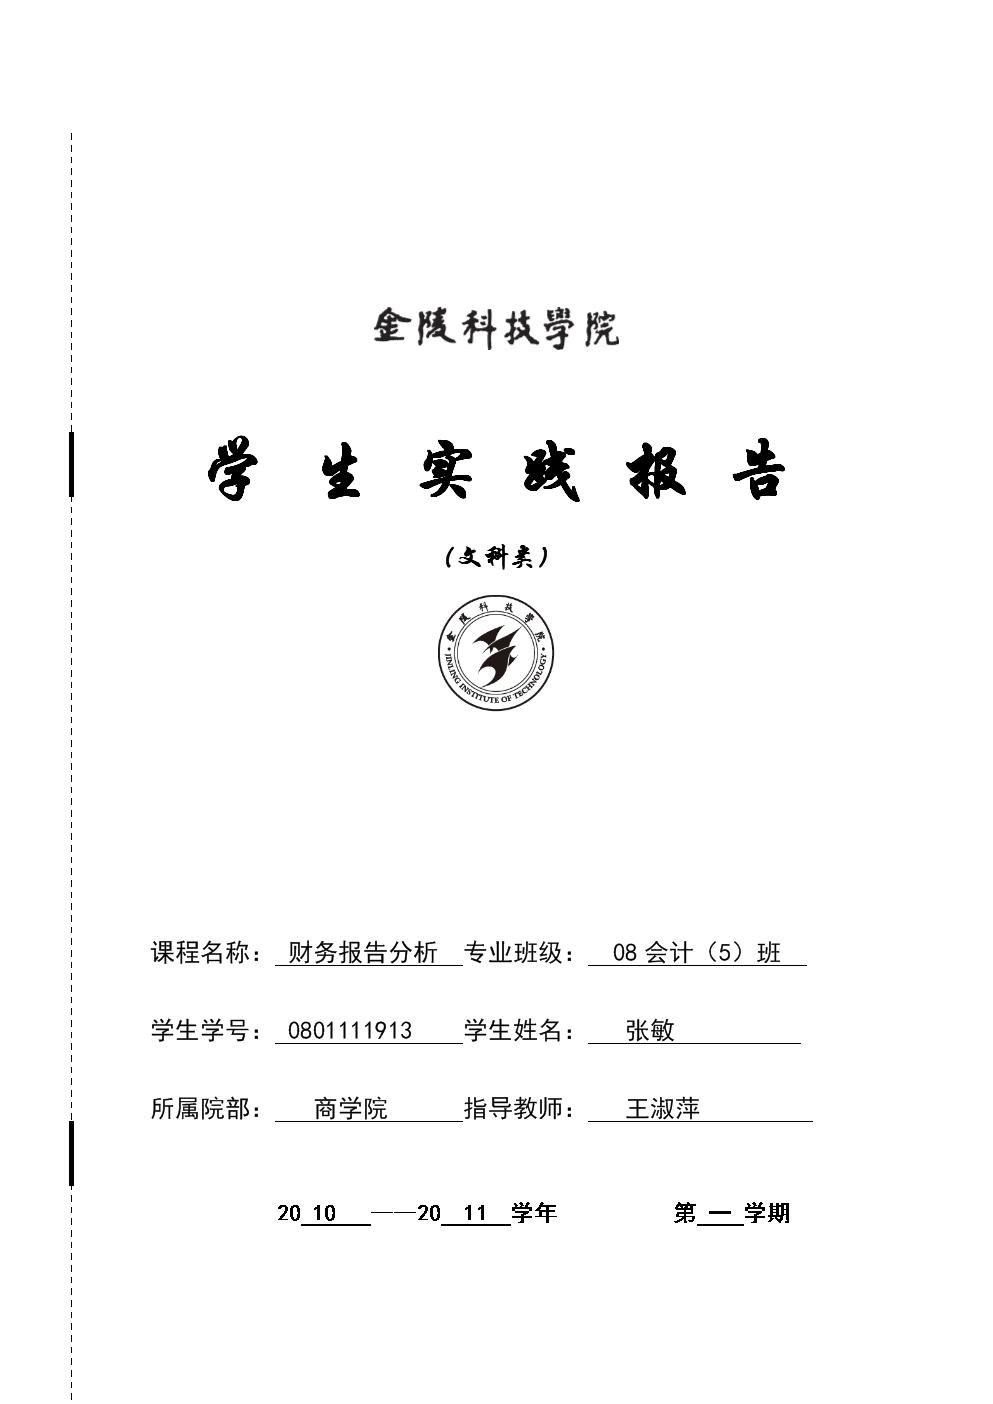 海螺水泥综合分析.doc